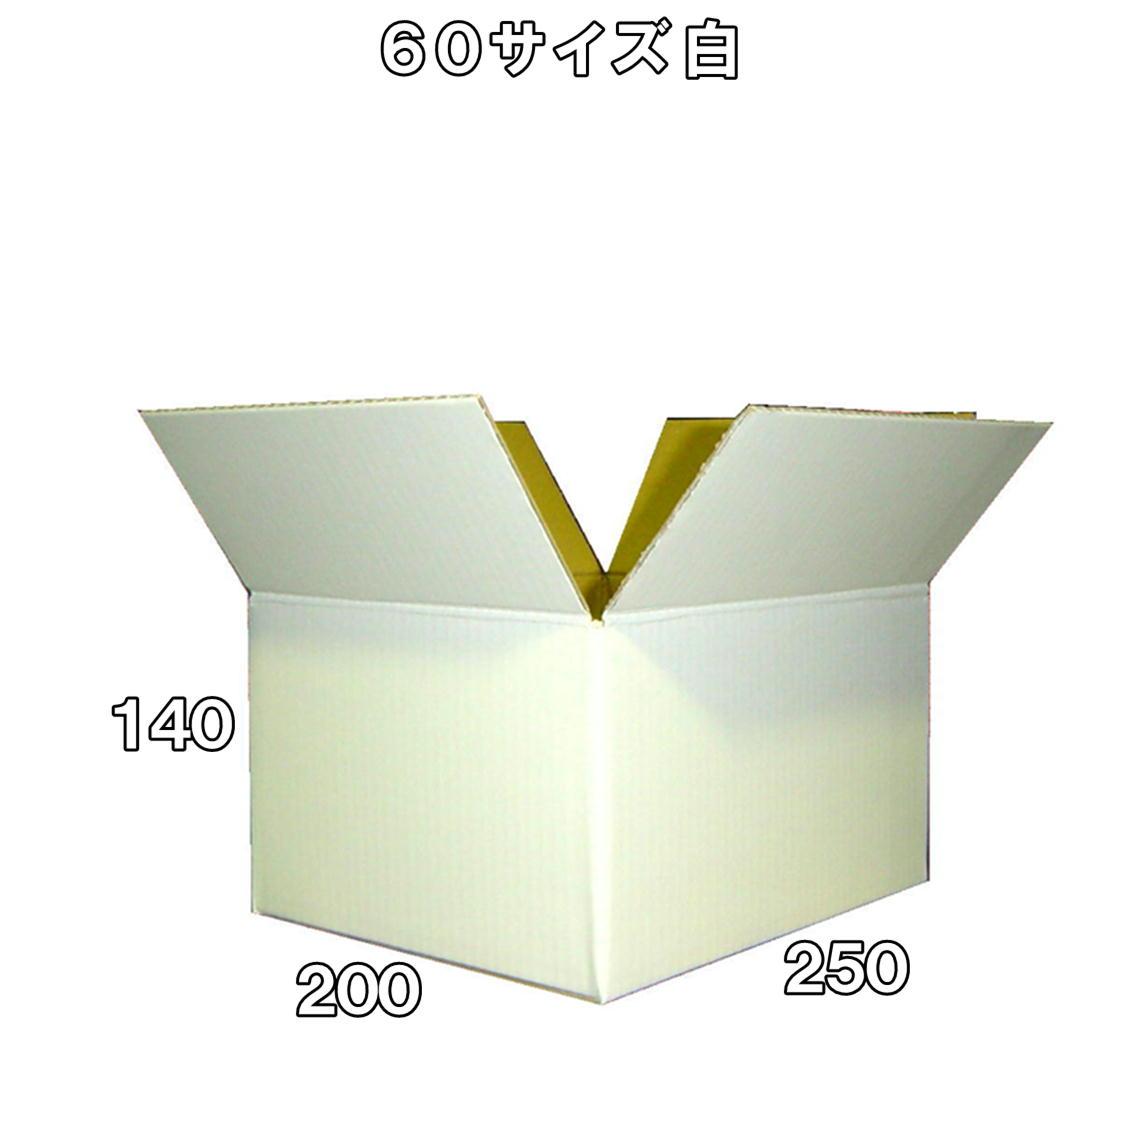 宅急便 大幅値下げランキング 宅配便 ゆうパック60サイズ白段ボール箱10枚 白さが品物を際立たせます あす楽 箱 10枚※この商品はヤマト運輸での配送です※ ダンボール 60サイズ 白 大決算セール